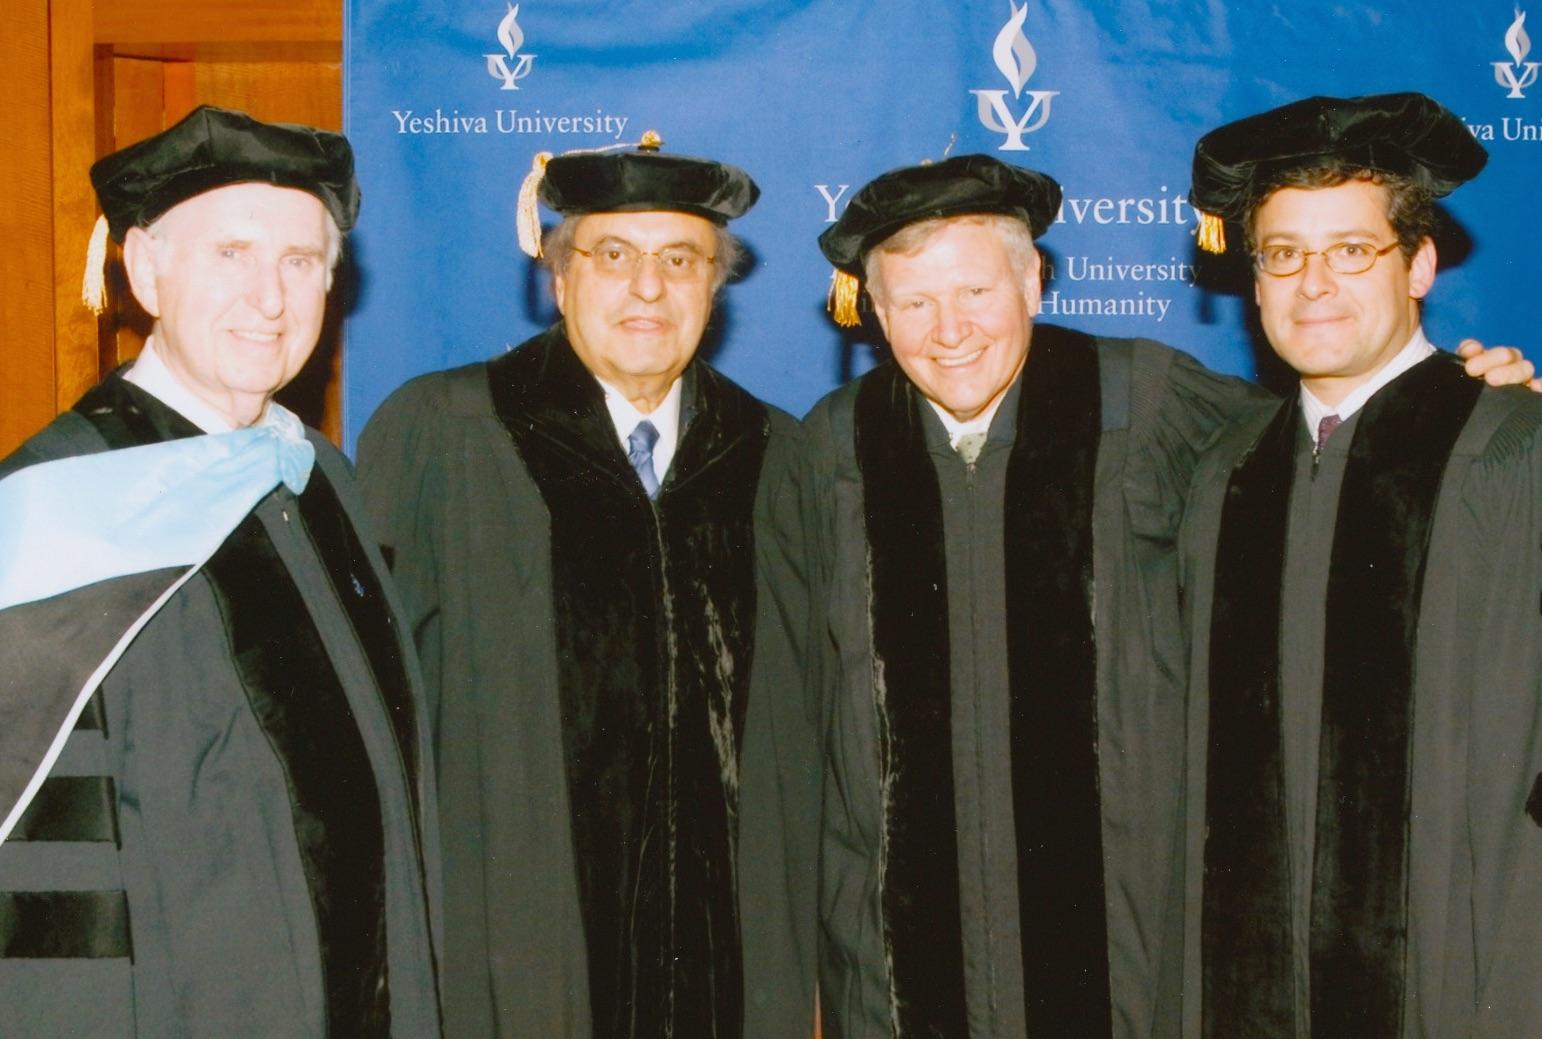 Herbert Dobrinsky, Leon H. Charney, Barry Shrage and Jeffrey B. Schwartz at Yeshiva University in 2005.